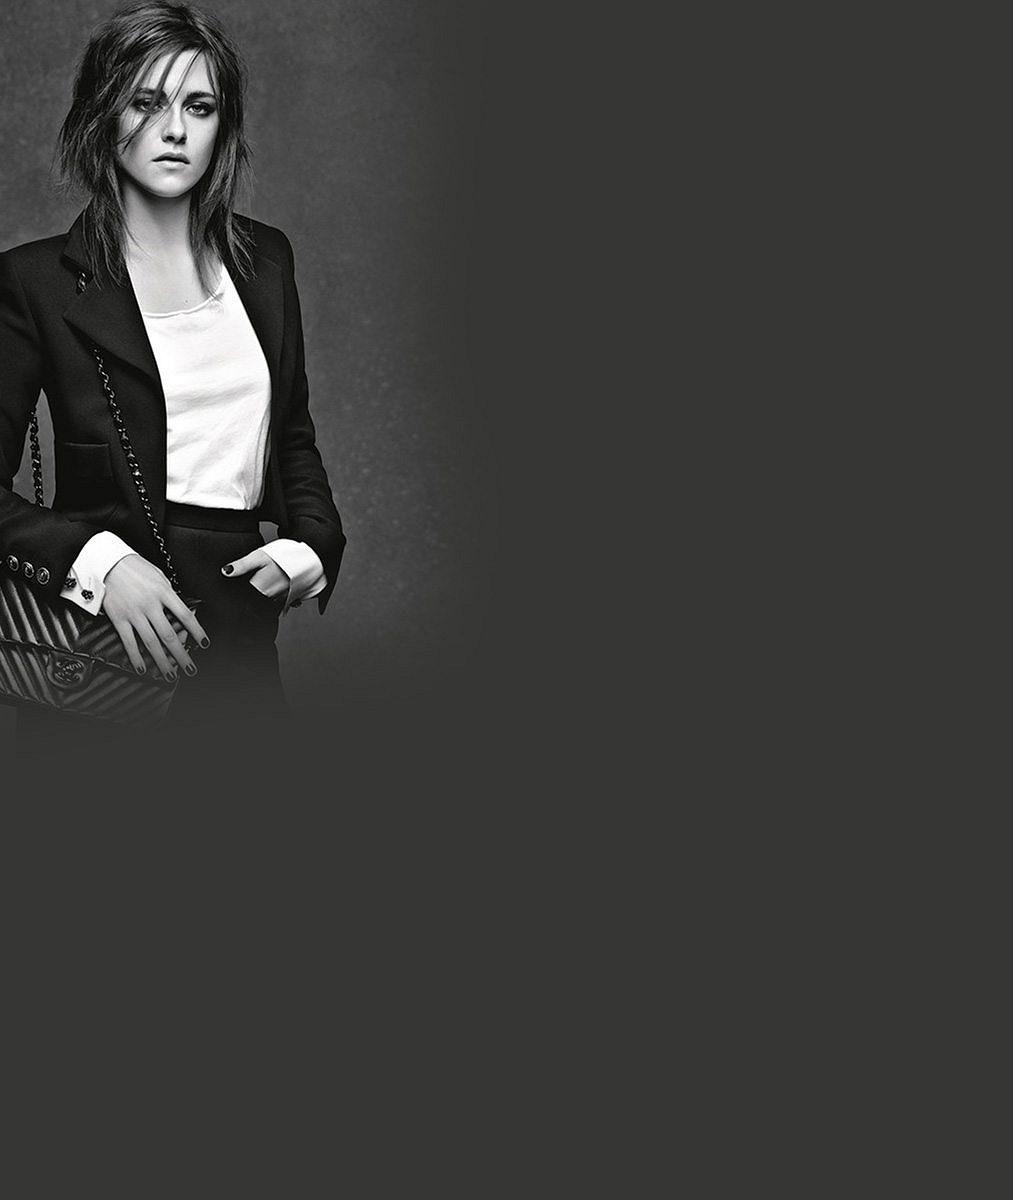 Úžasná proměna Kristen Stewart: Konečně nevypadá jako kluk